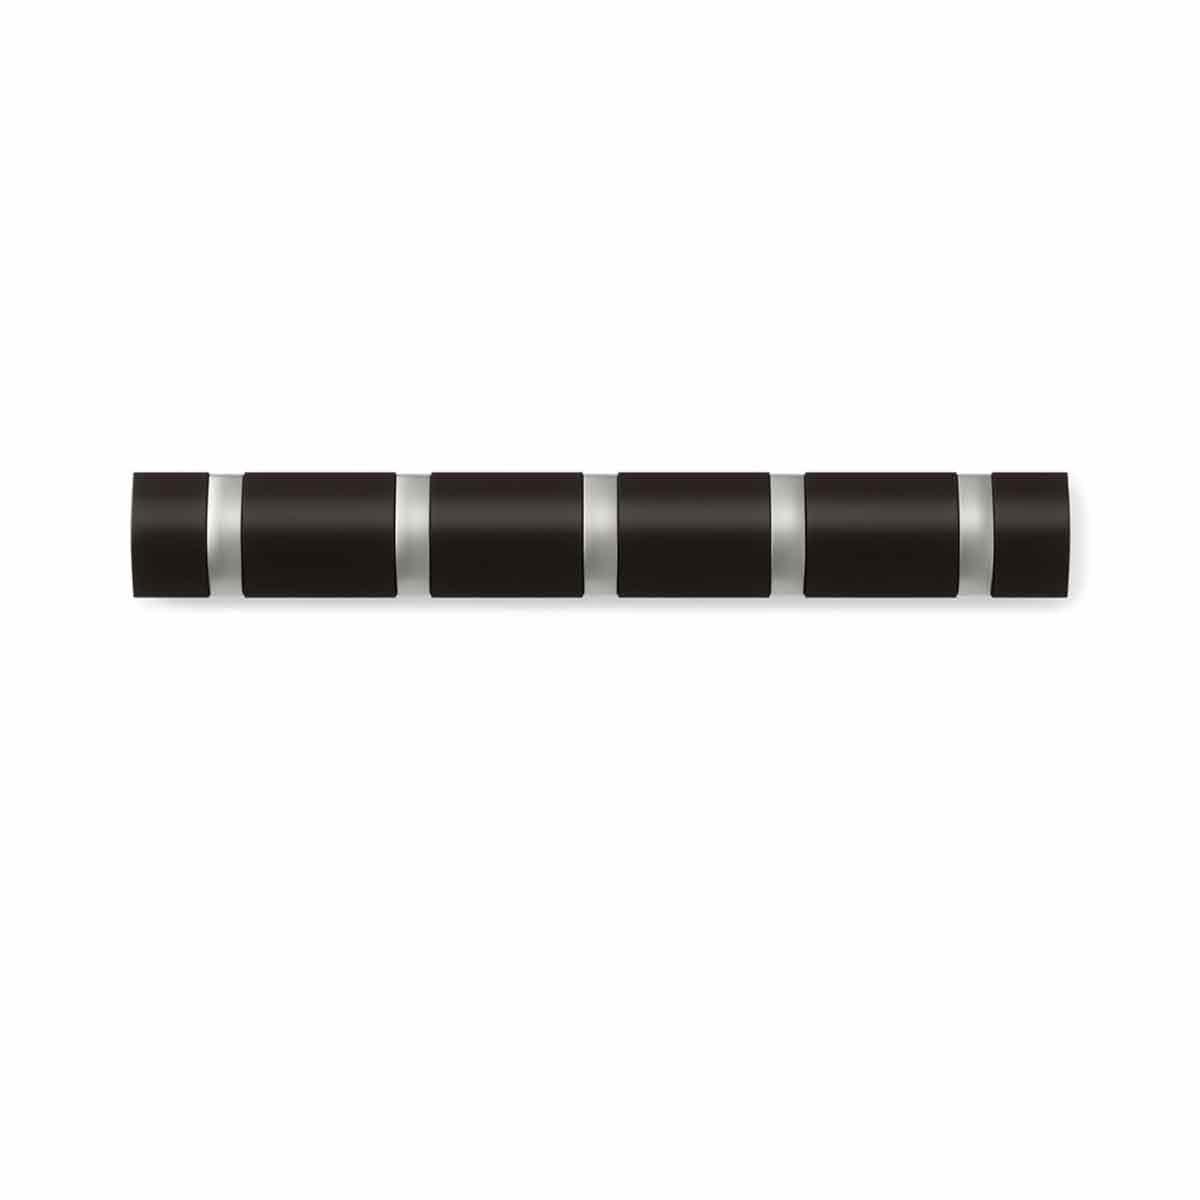 Čiviluk Flip 5 espreso 318850-213